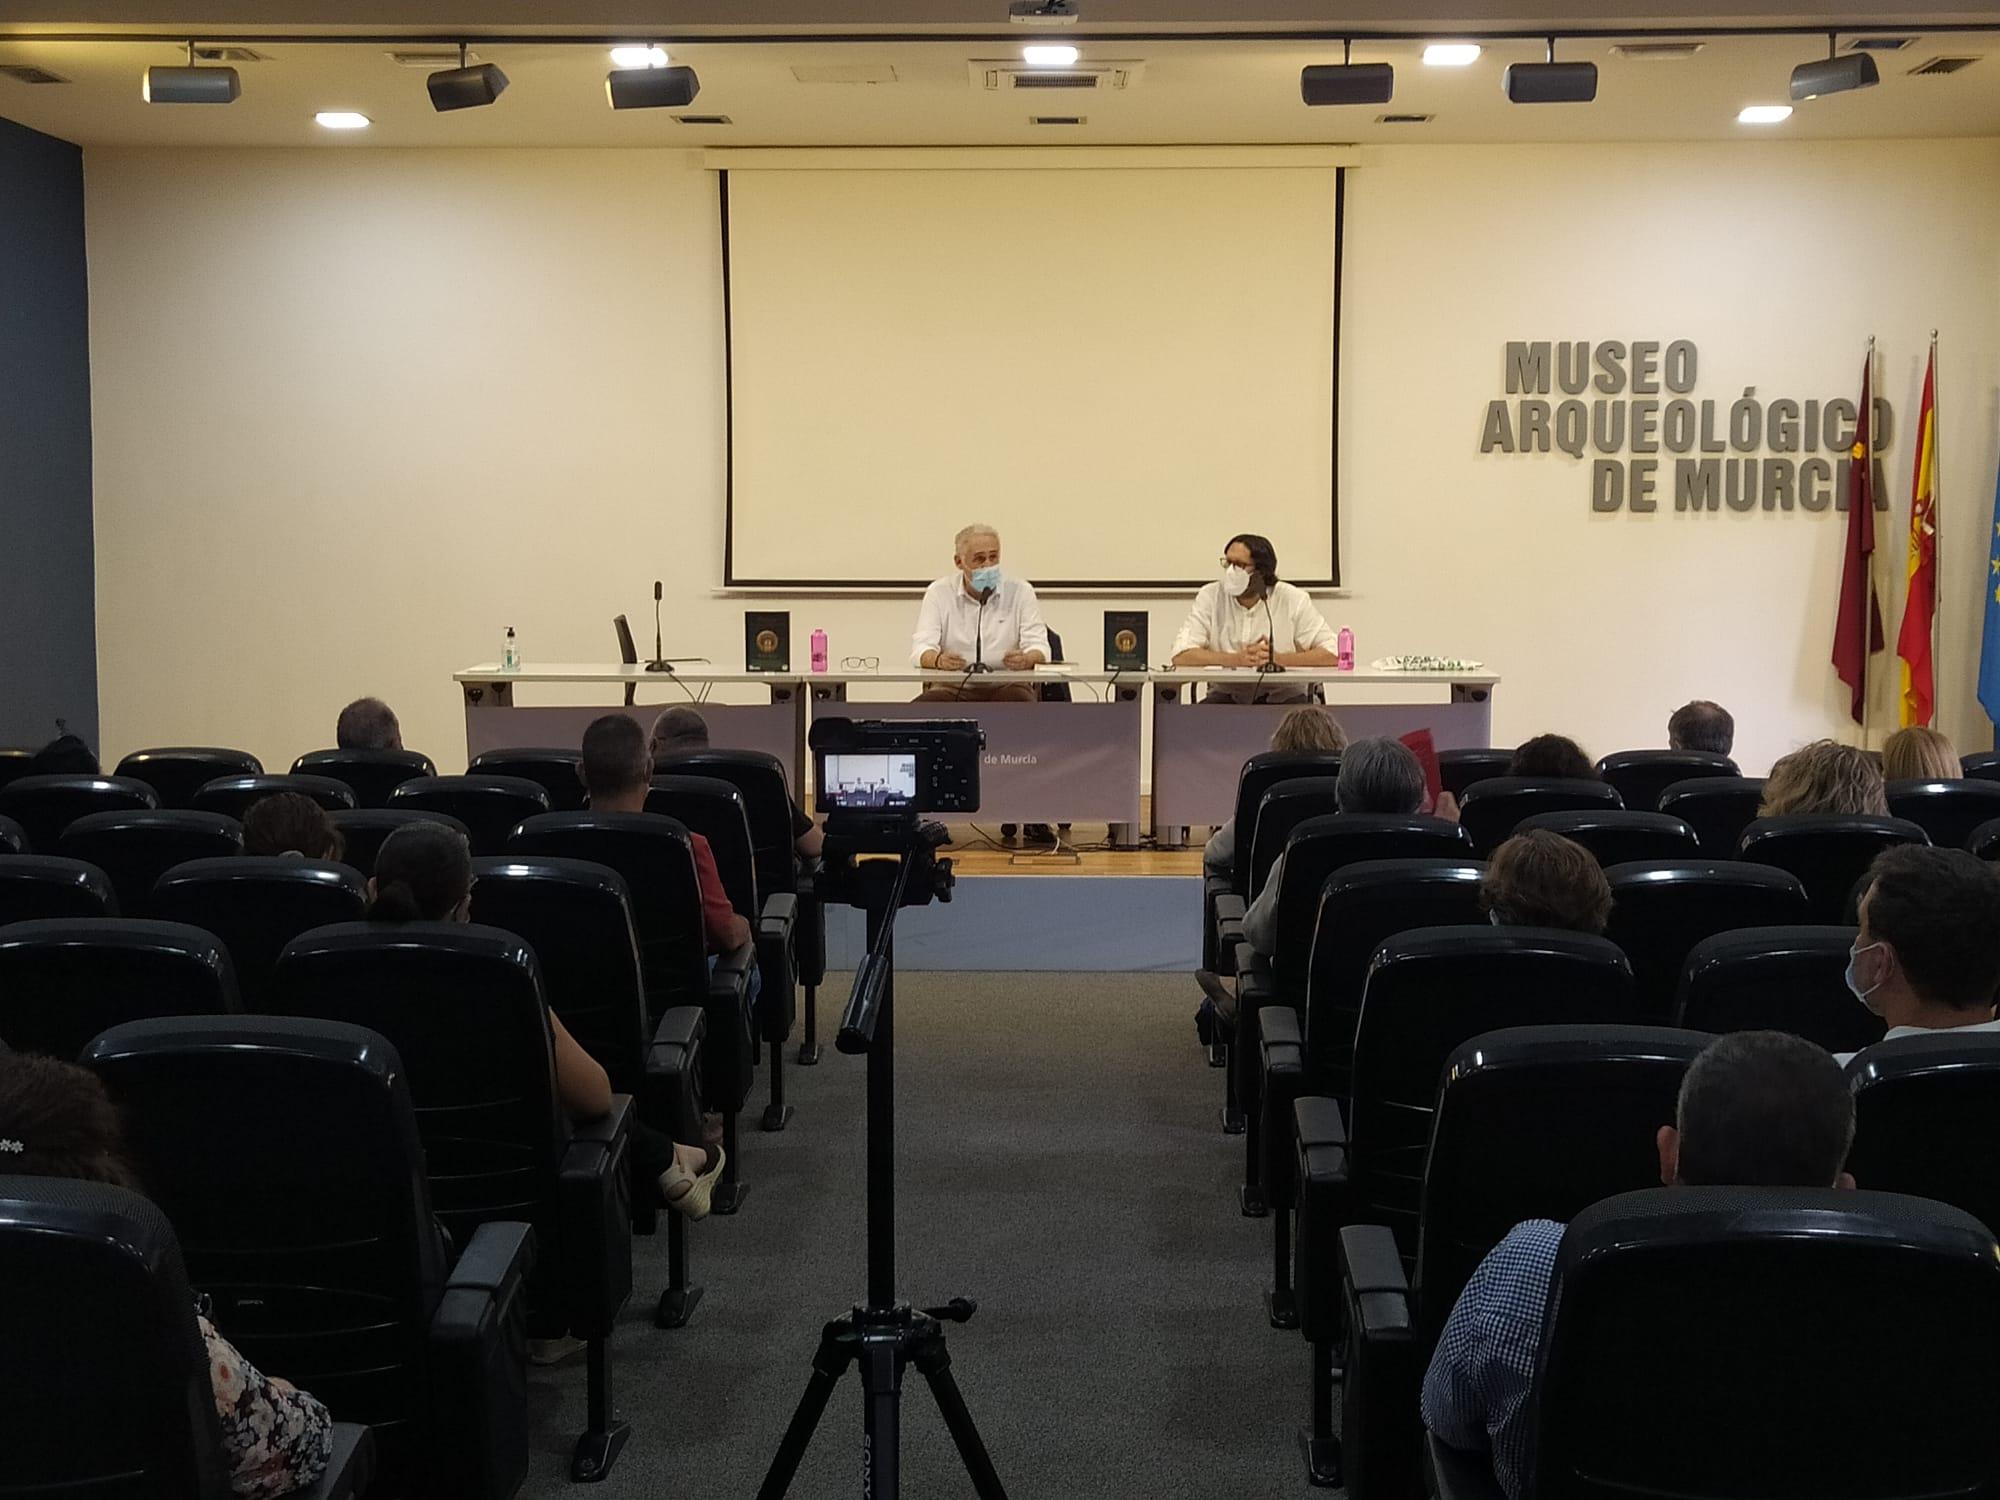 Otro momento de la presentación de Mursiya El pintor del Rey Lobo captado para las fotos del evento en Exlibris 2021: Antonio Botías y Sergio Reyes comparten mesa